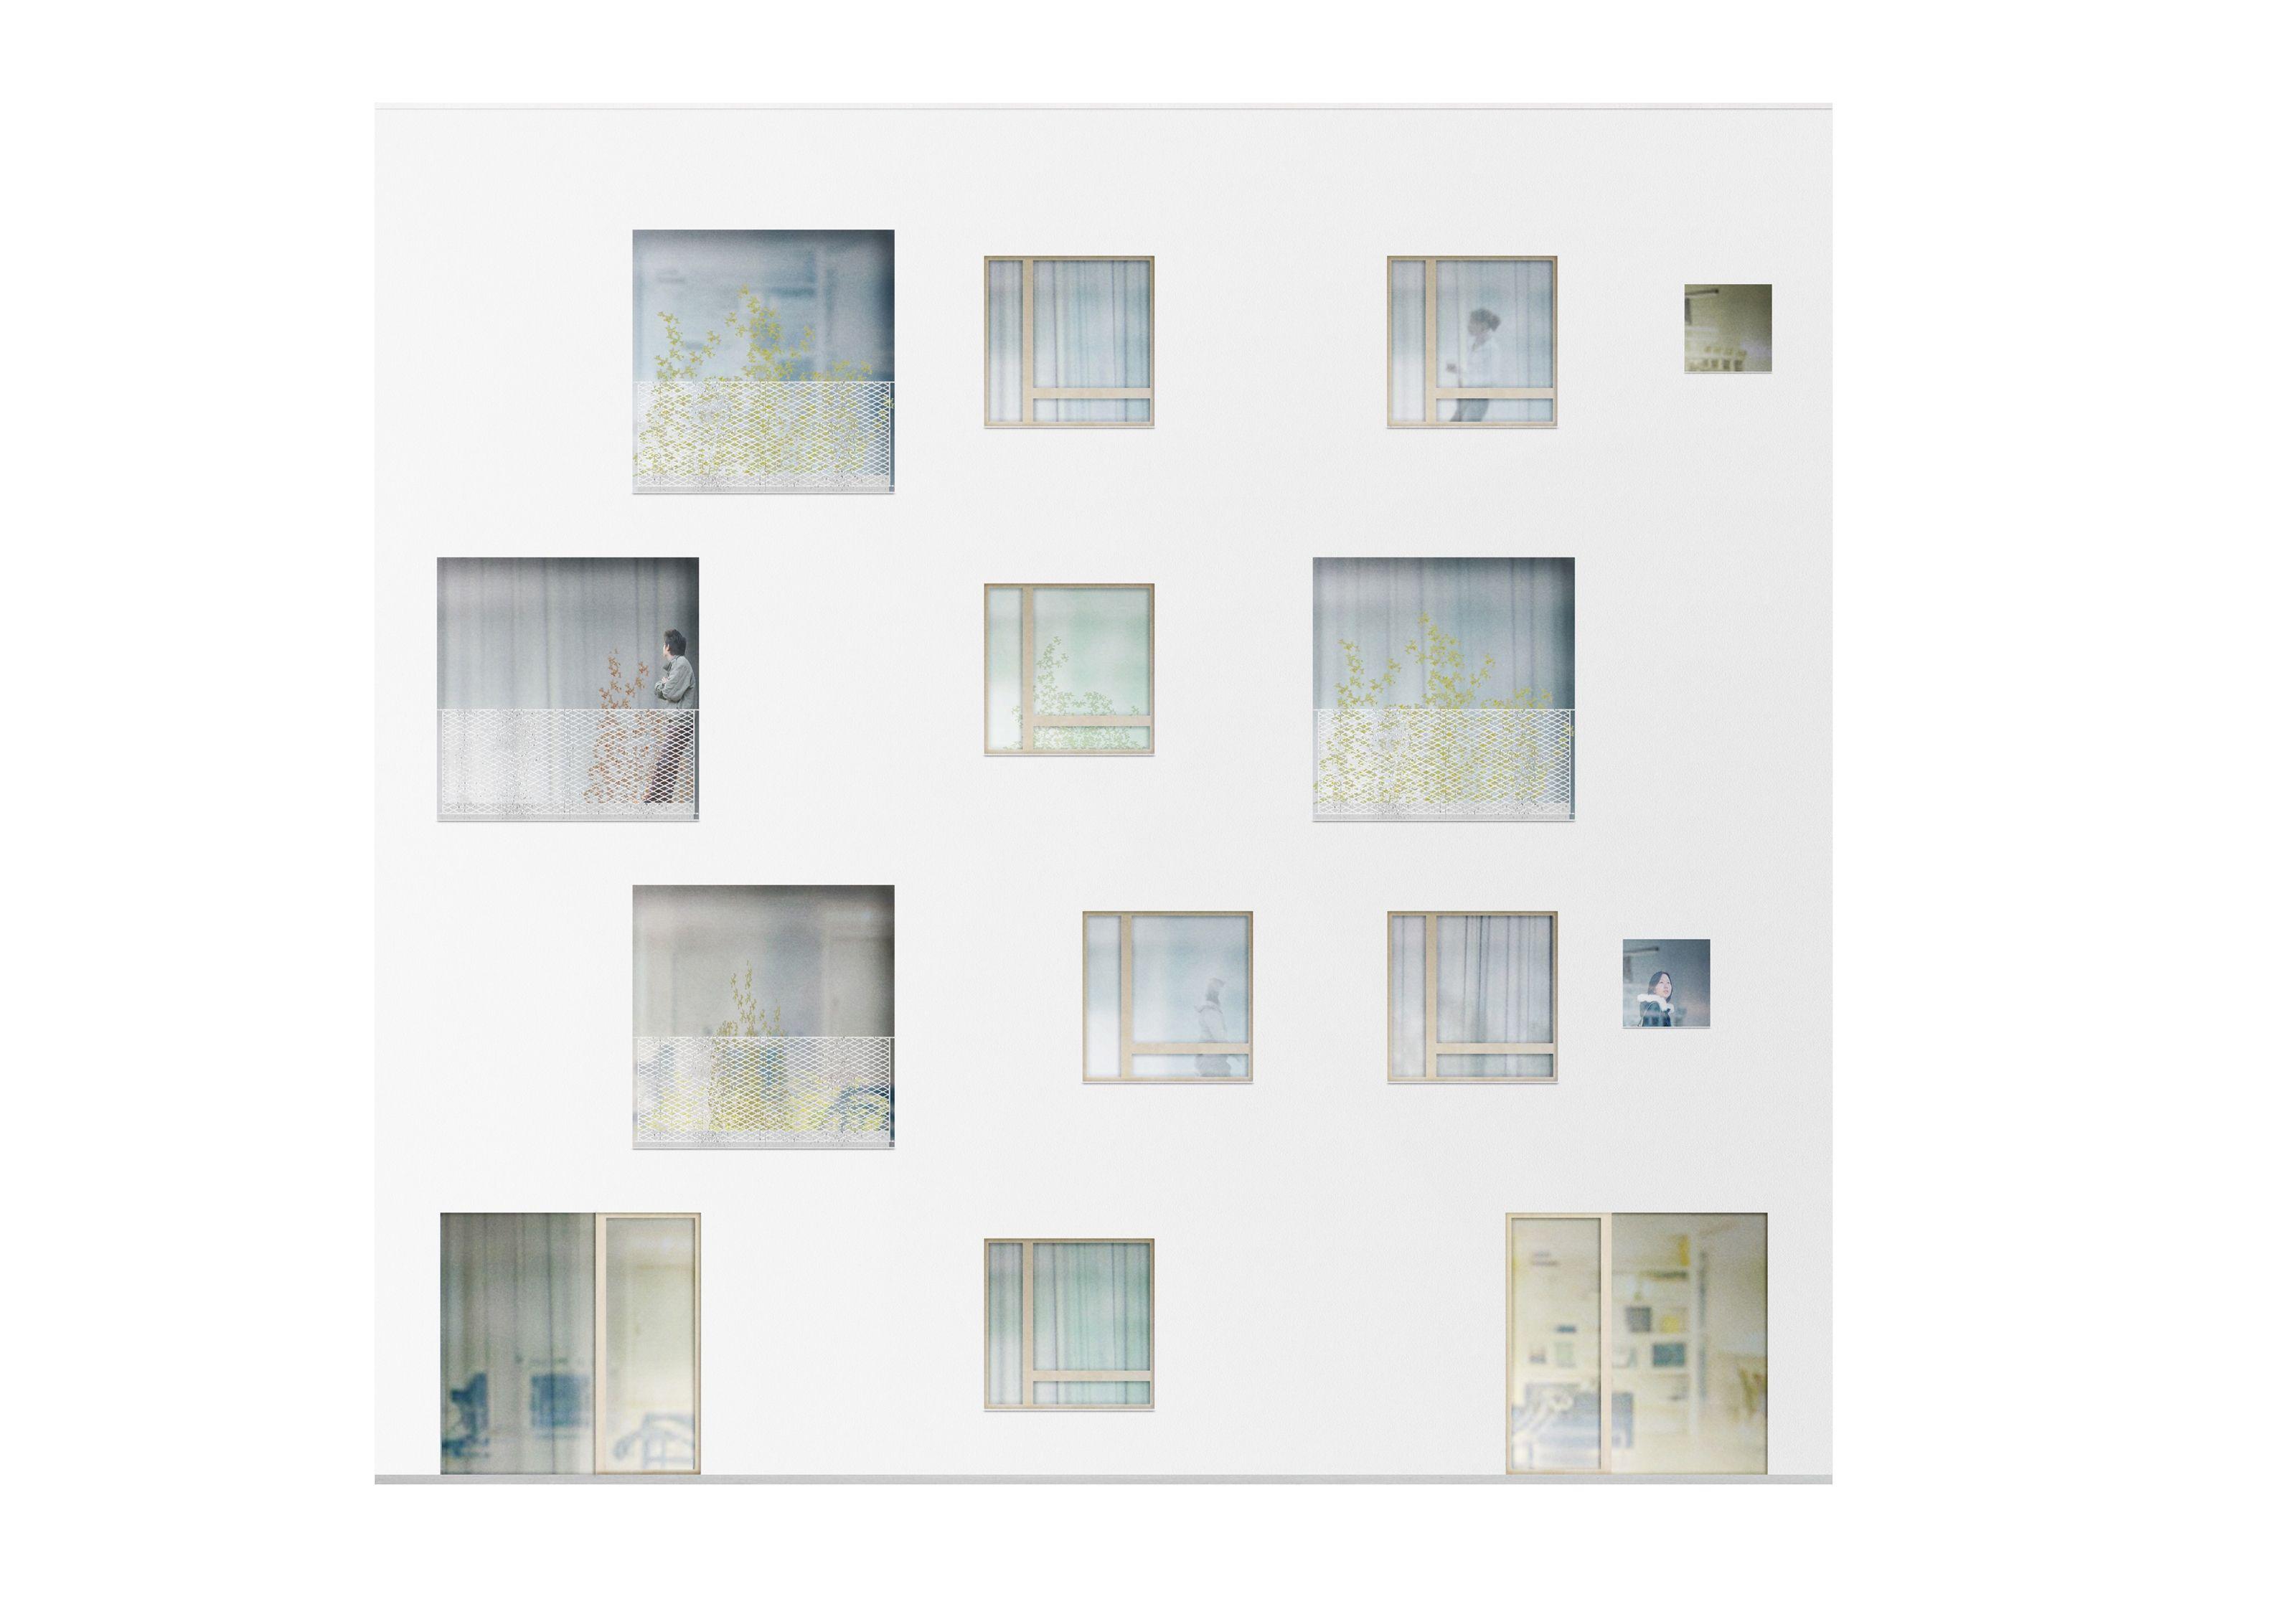 Lin architekten urbanisten arch representation architektur bildergalerie und wohnungsbau - Lin architekten ...